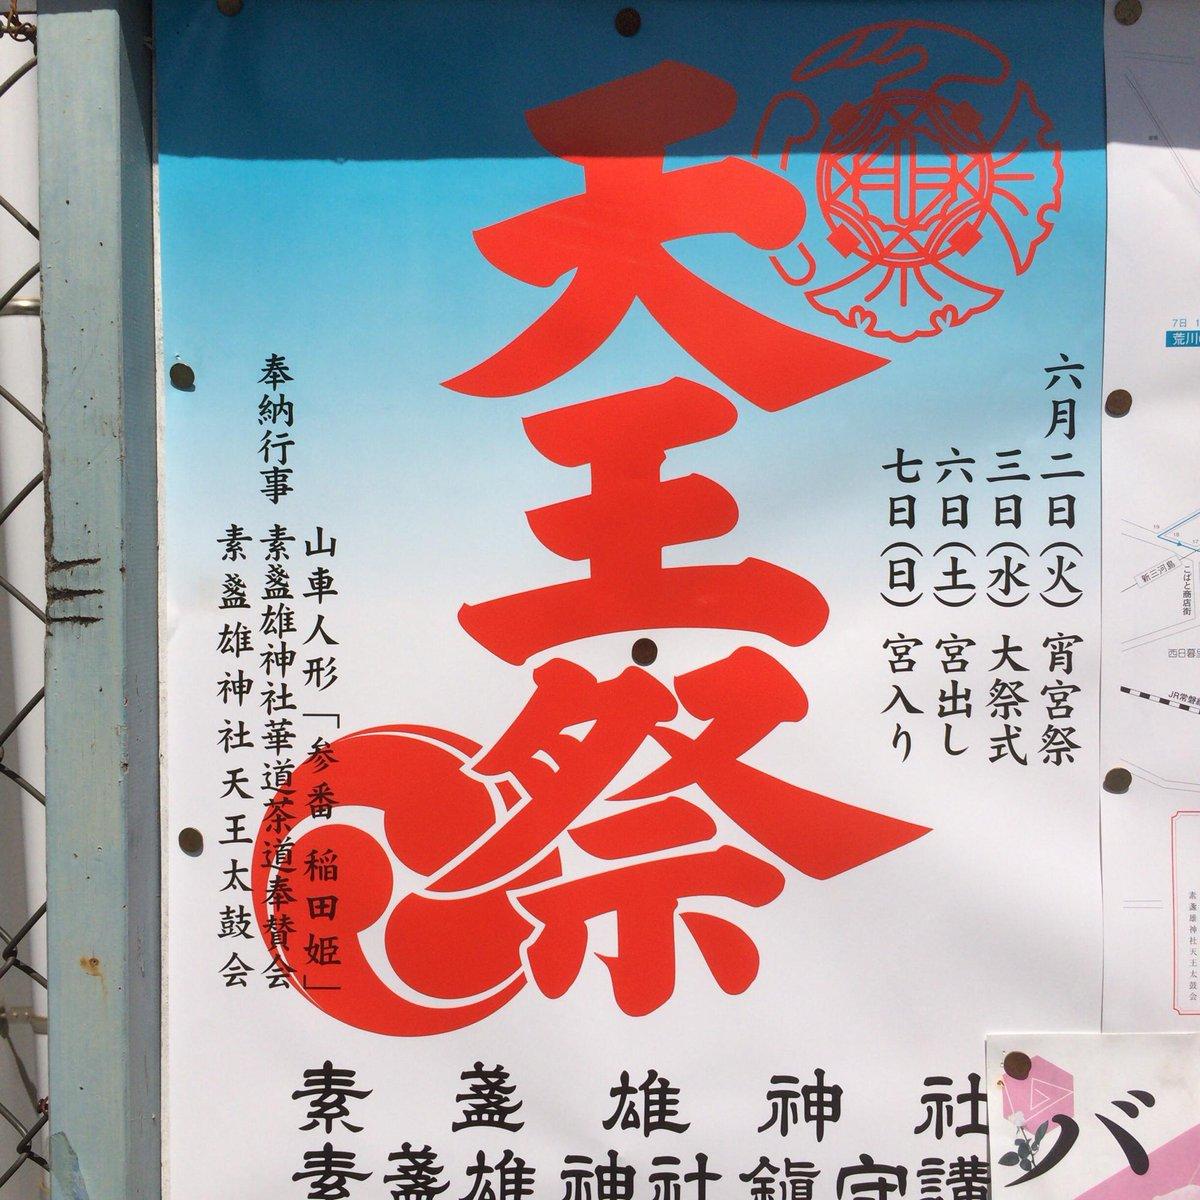 みんな、神田祭も三社祭も鳥越祭もあるけど、天王祭の季節も来たよ。 http://t.co/t9dDcXjBVe